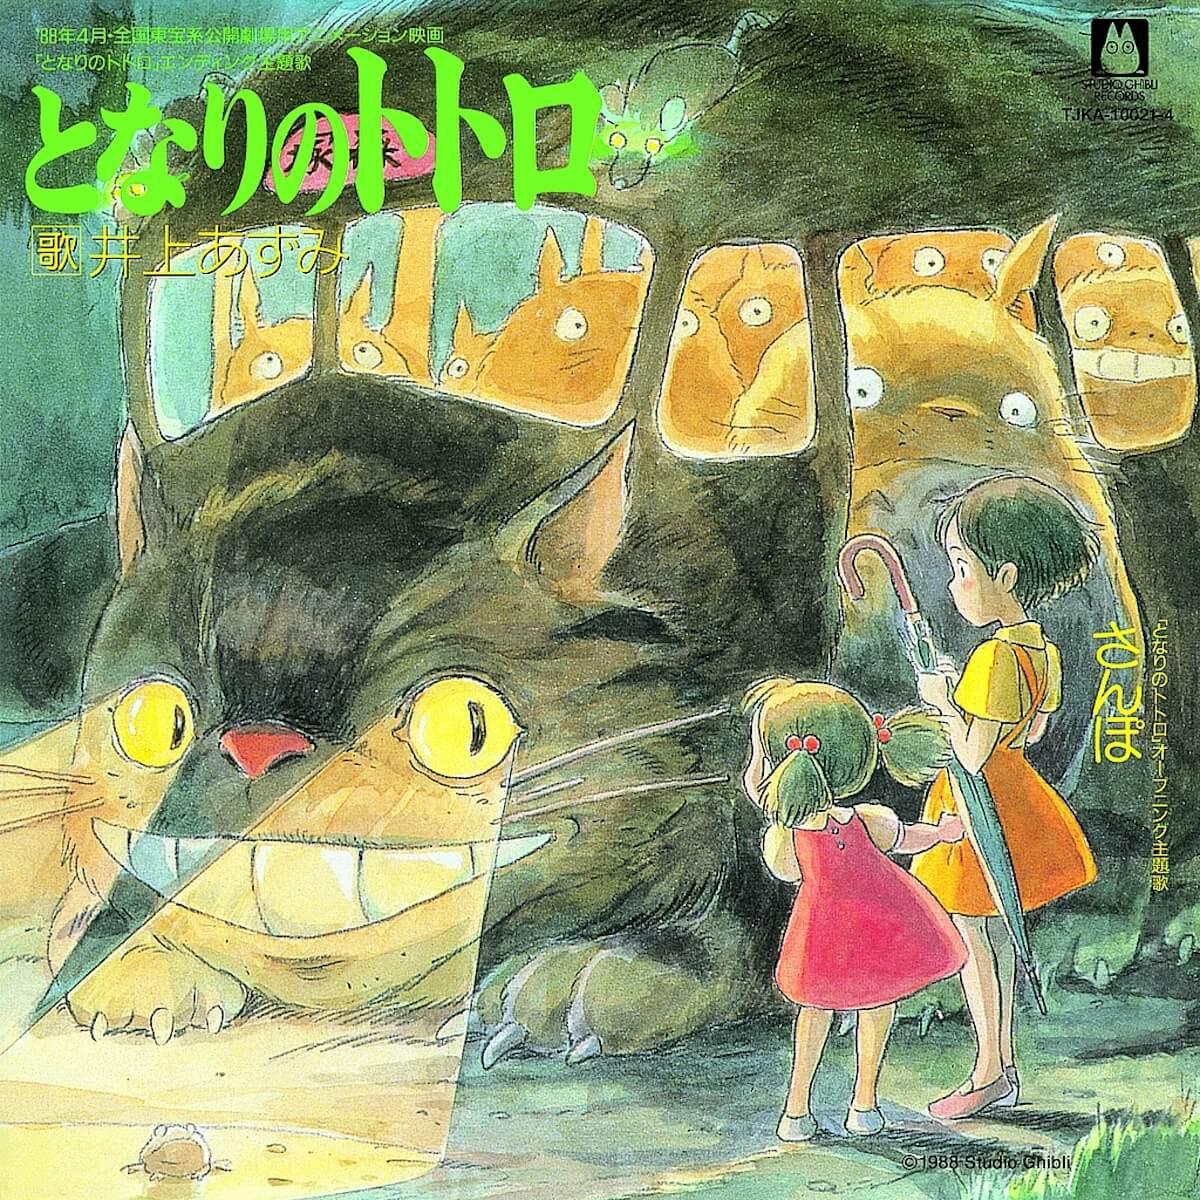 「天空の城ラピュタ」「となりのトトロ」など、スタジオジブリの主題歌が7インチレコードで完全復刻 music190528-ghibli-4